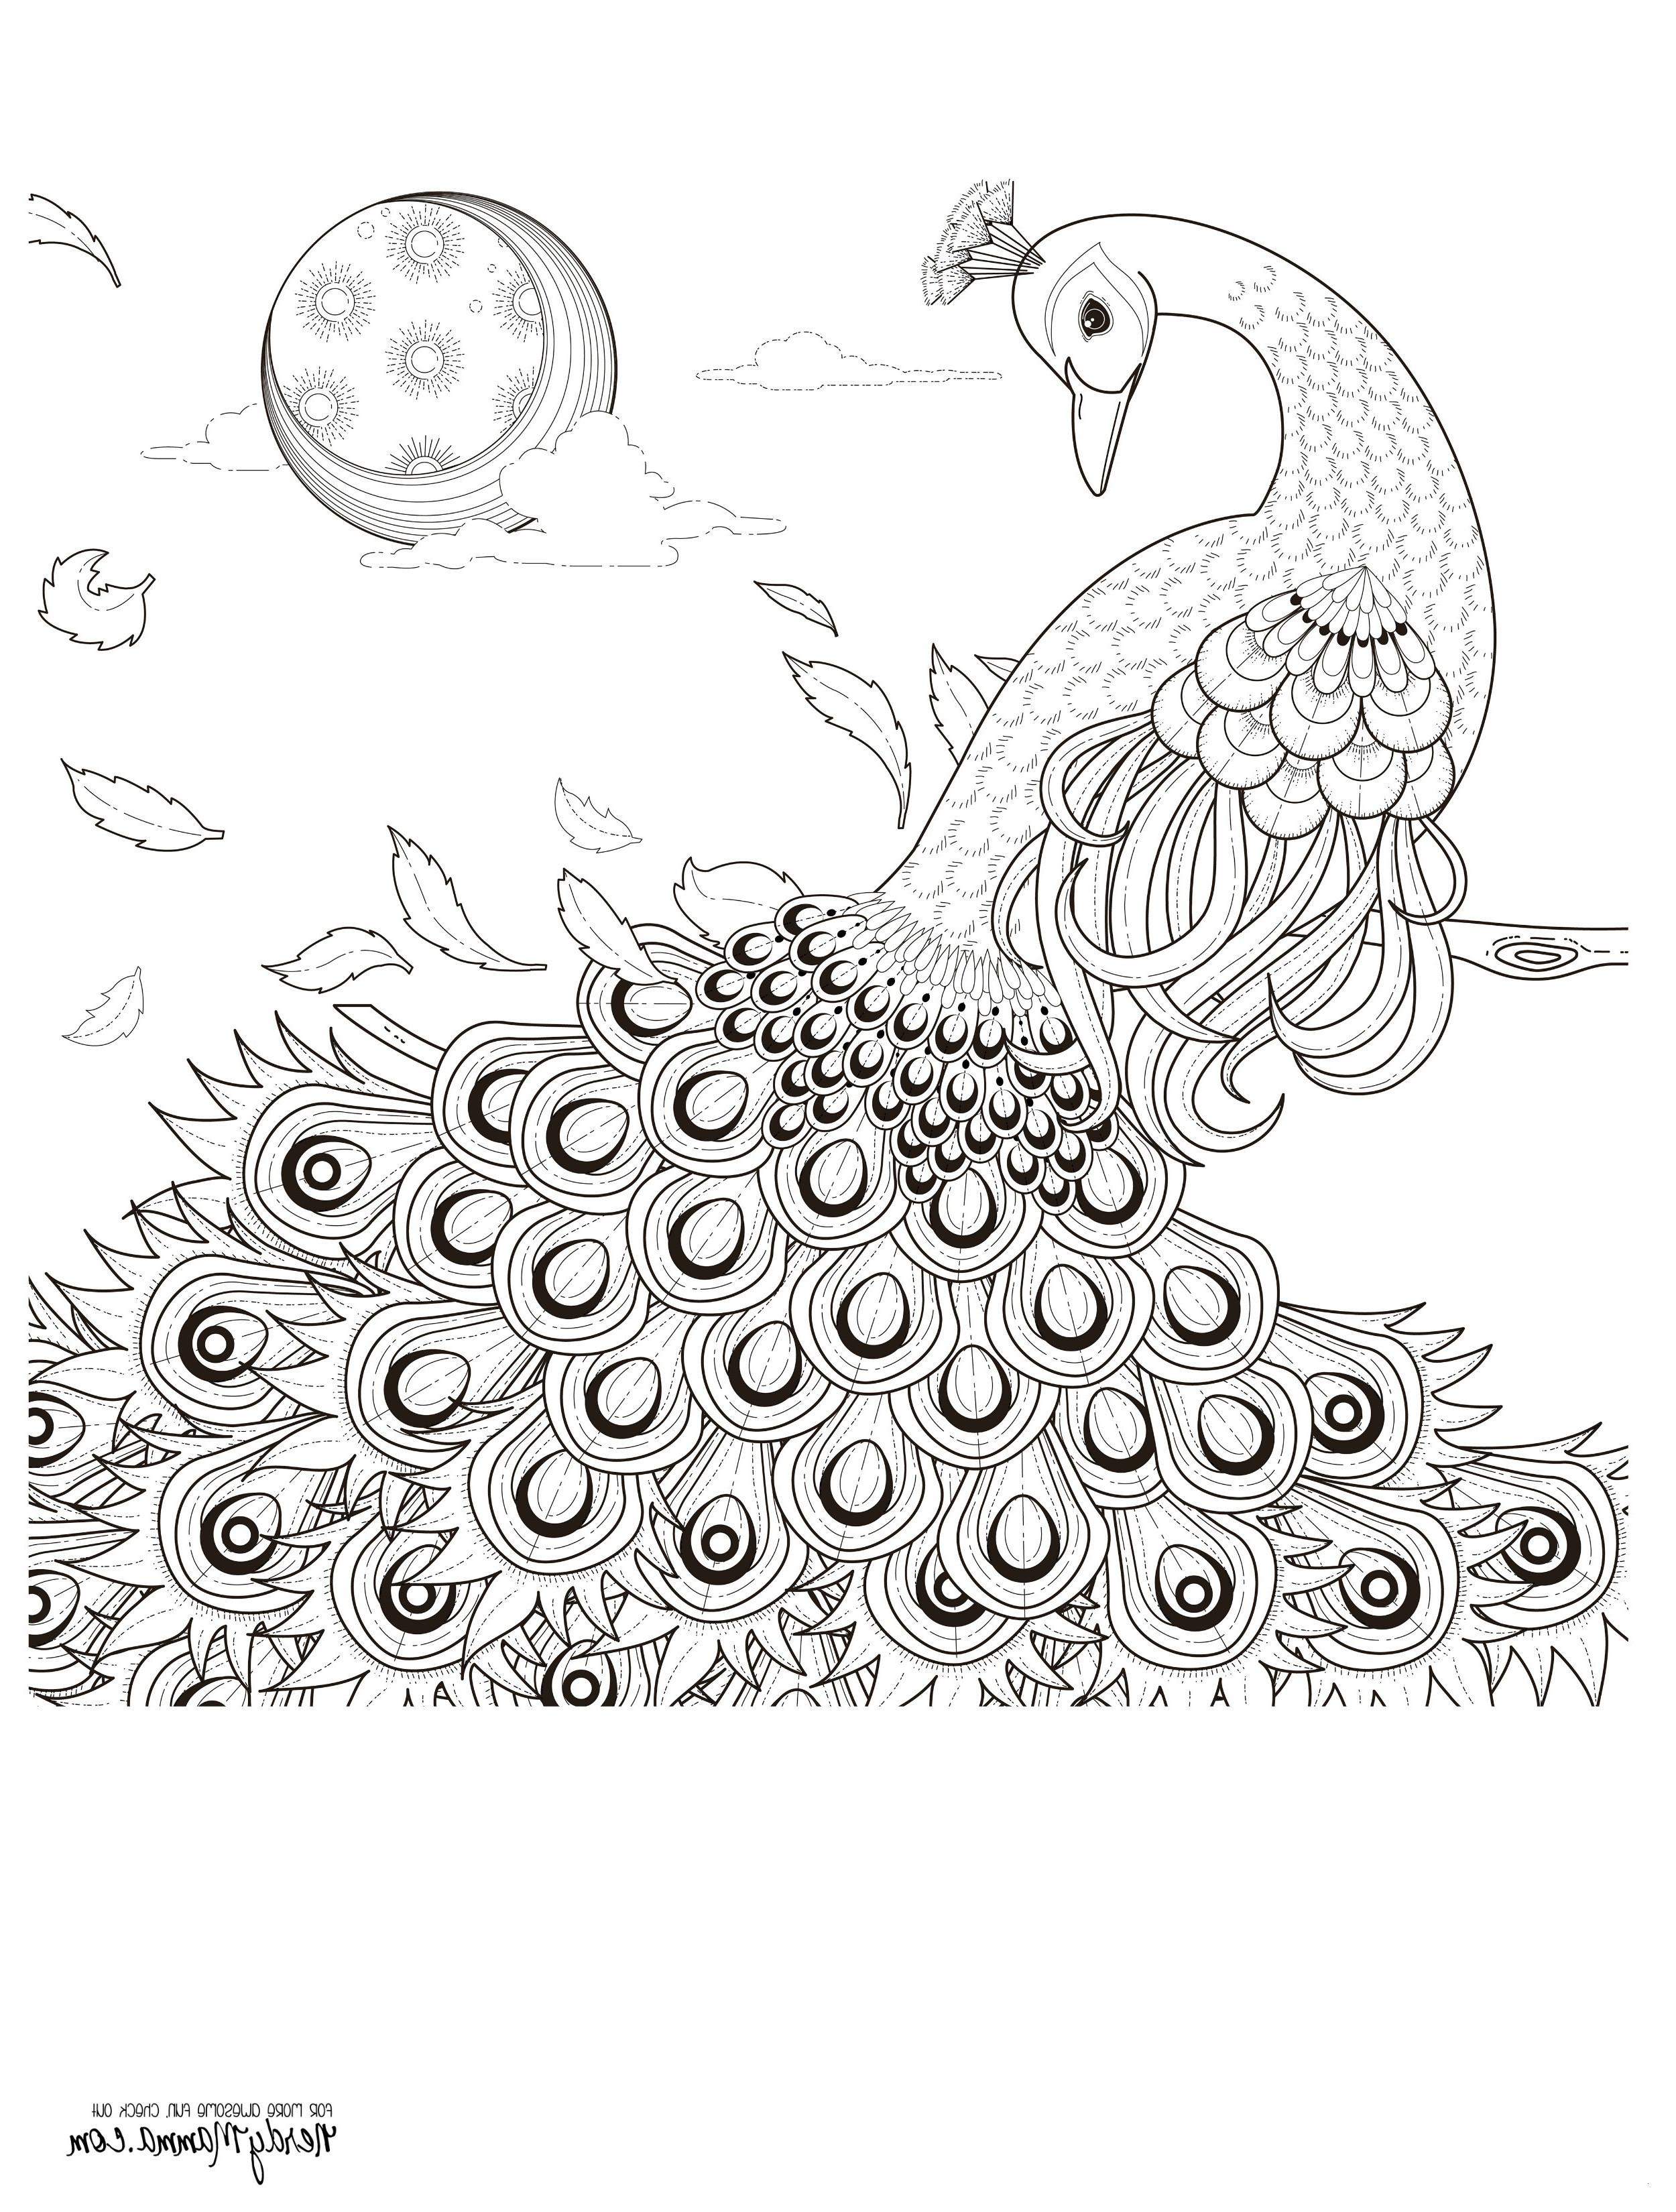 Ausmalbilder Ostereier Kostenlos Frisch 43 Frisch Ausmalbilder Osterei – Große Coloring Page Sammlung Fotos